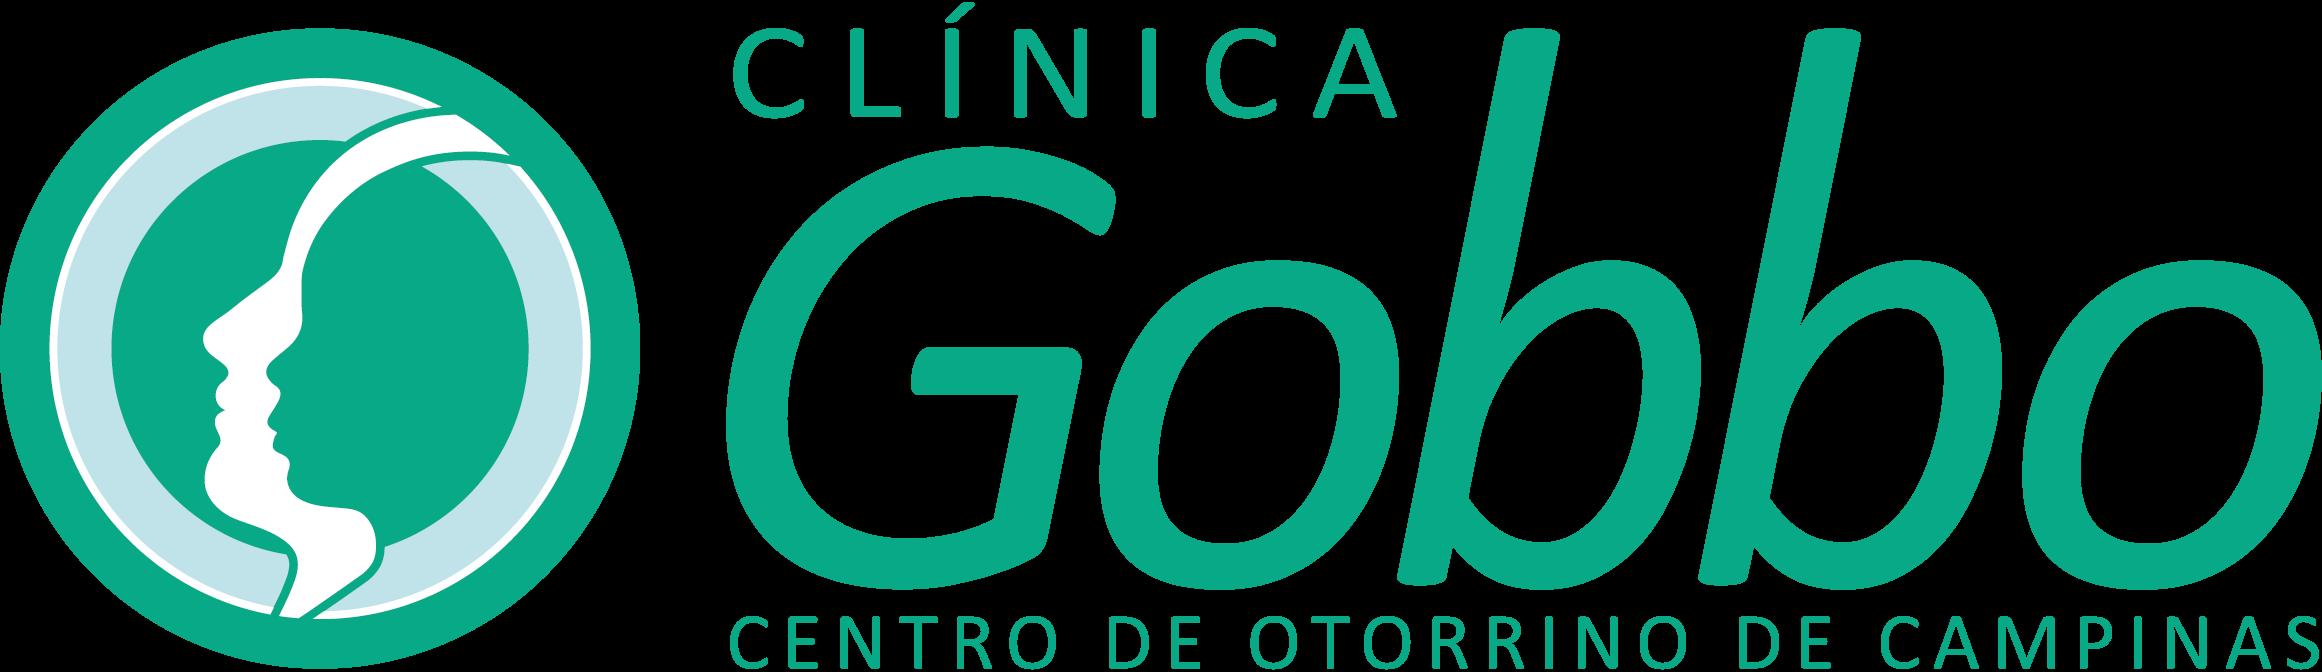 Clínica-Gobbo